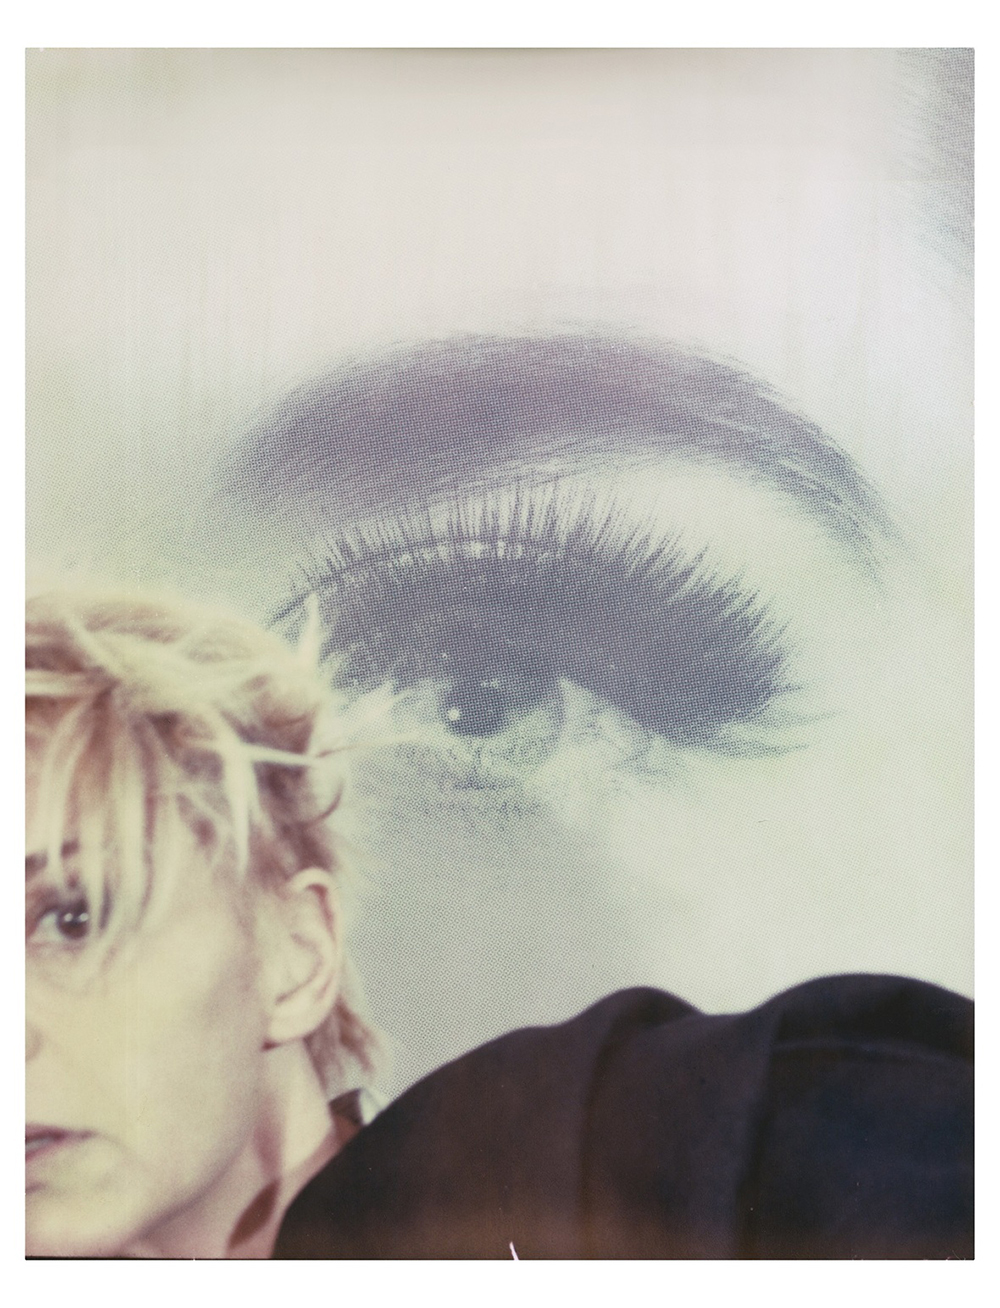 瓦莱丽·蓓琳 Valérie Belin|自拍象|2010| 艺术家和娜塔莉·奥巴迪亚画廊-巴黎/布鲁塞尔惠允 Valérie Belin|Autoportrait|2010 Courtesy Galerie Nathalie Obadia, Paris/Brussels